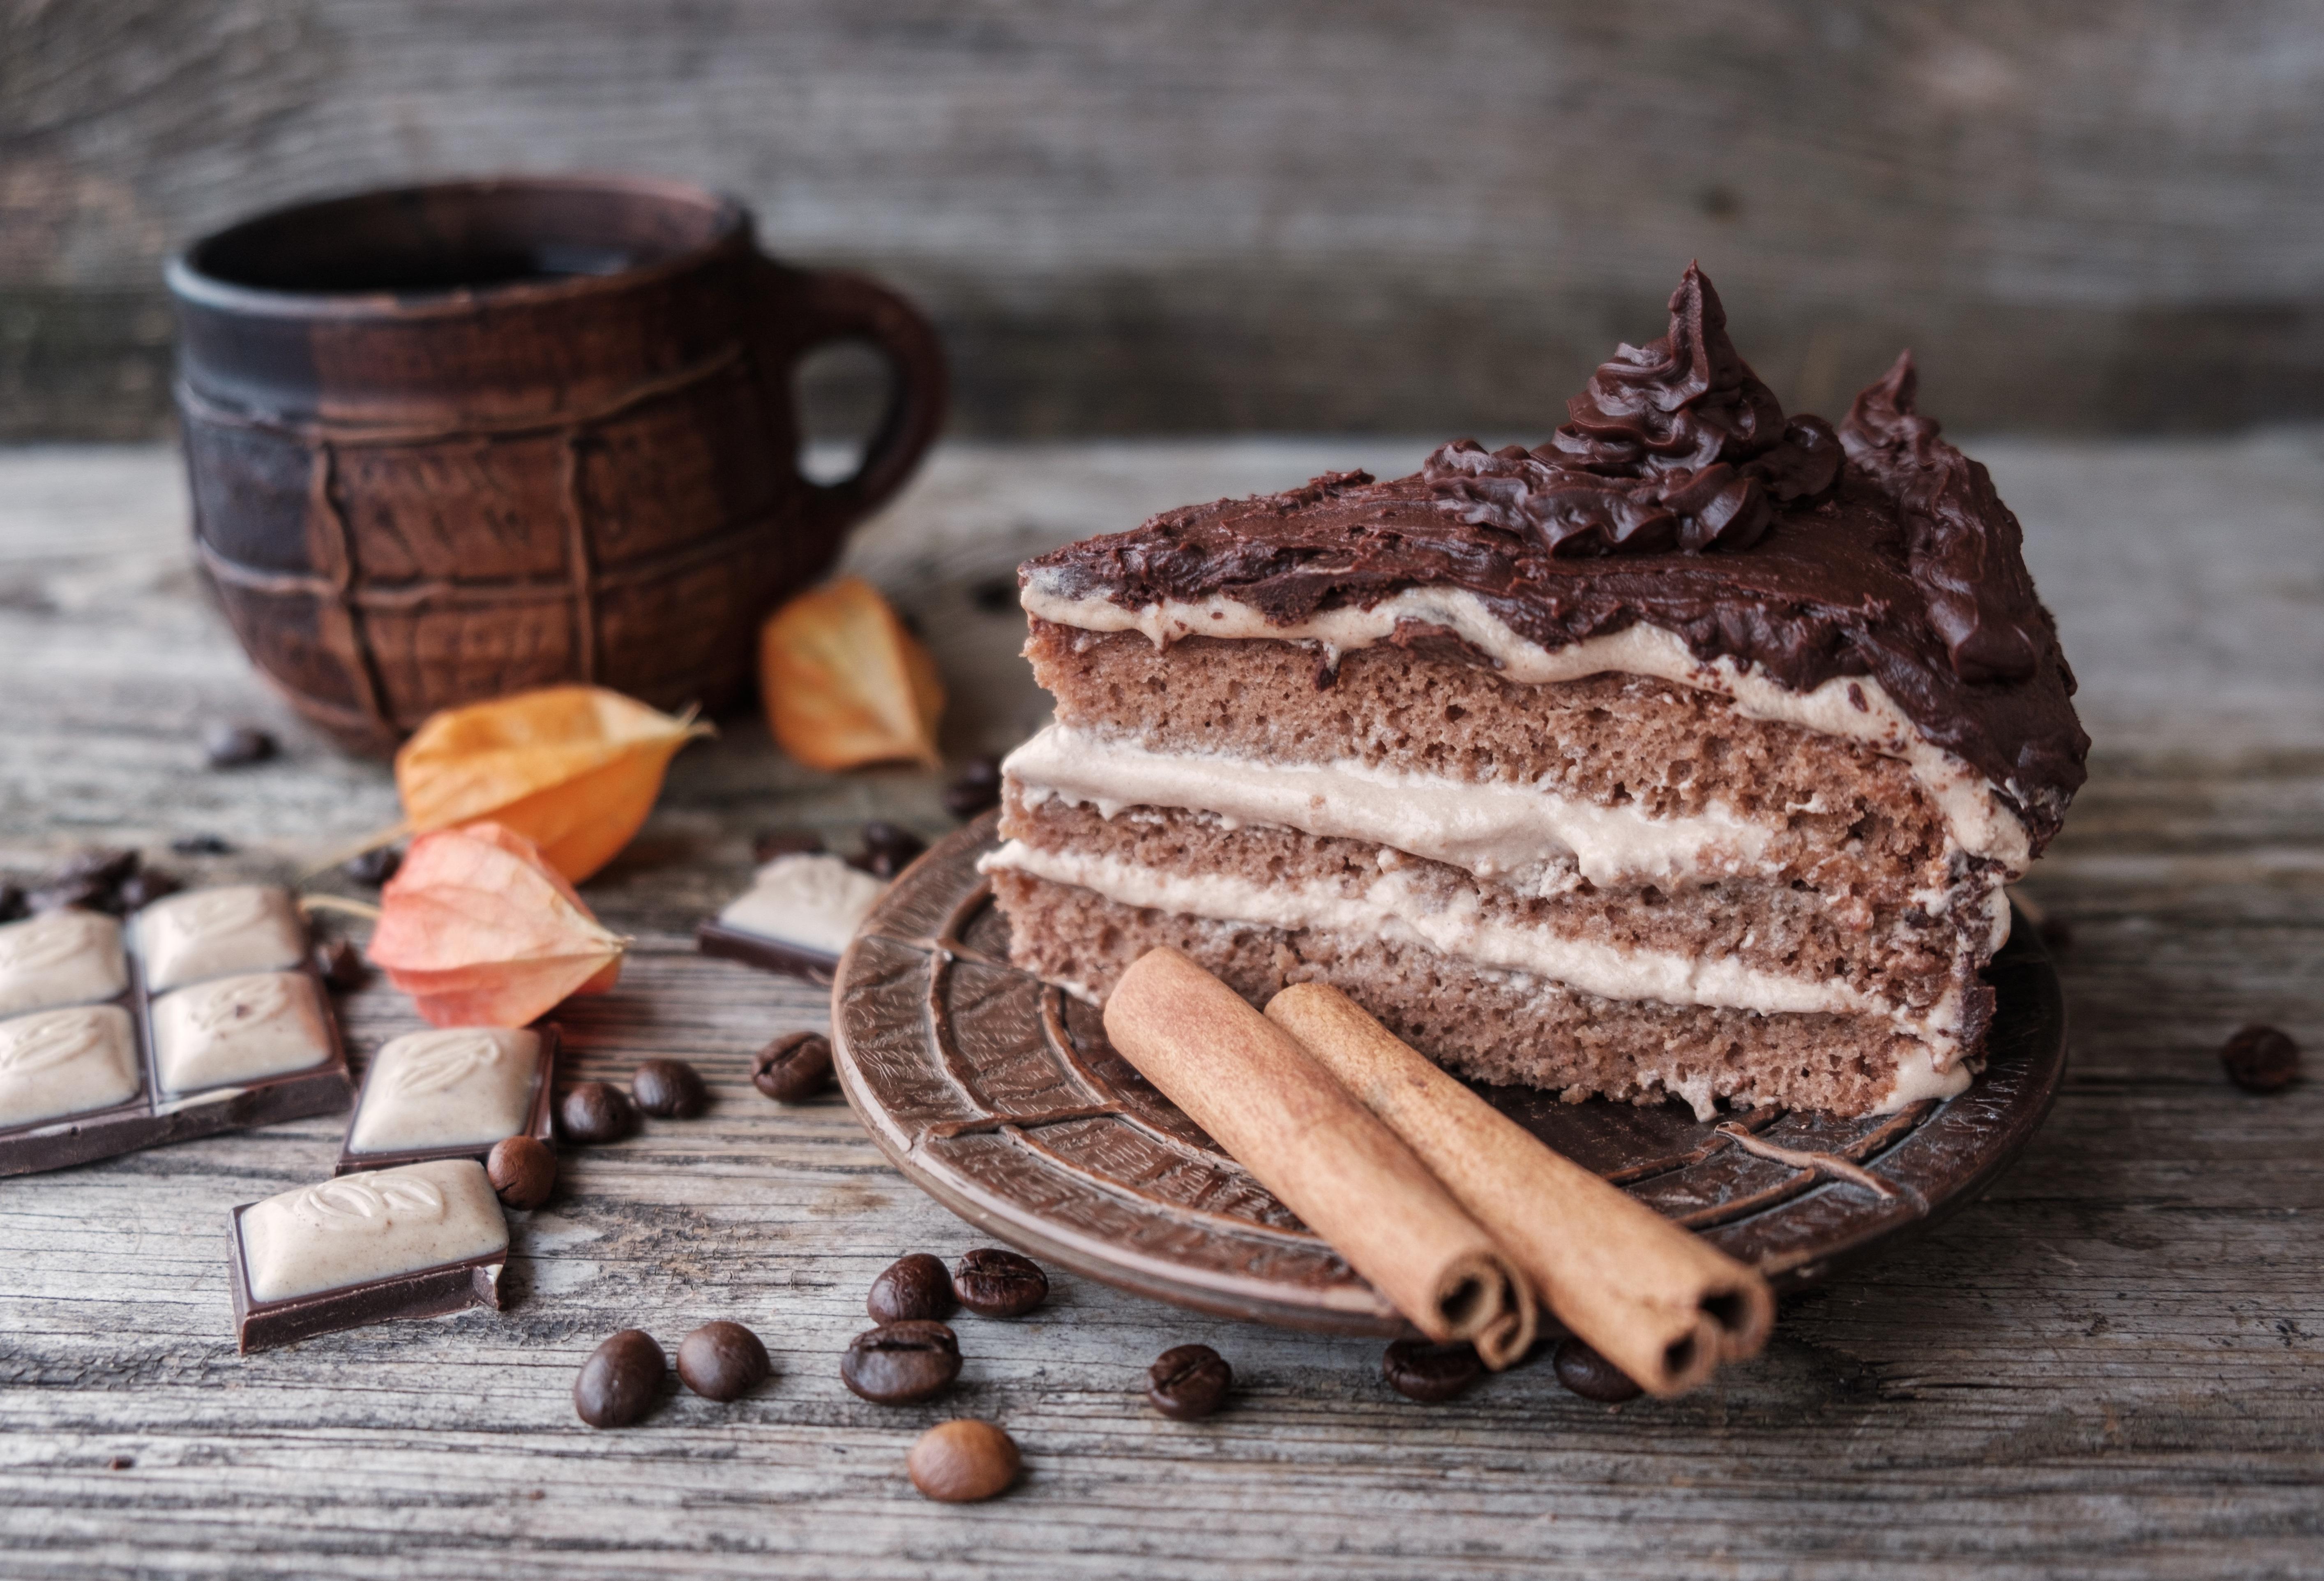 чай и кусочек торта картинки это